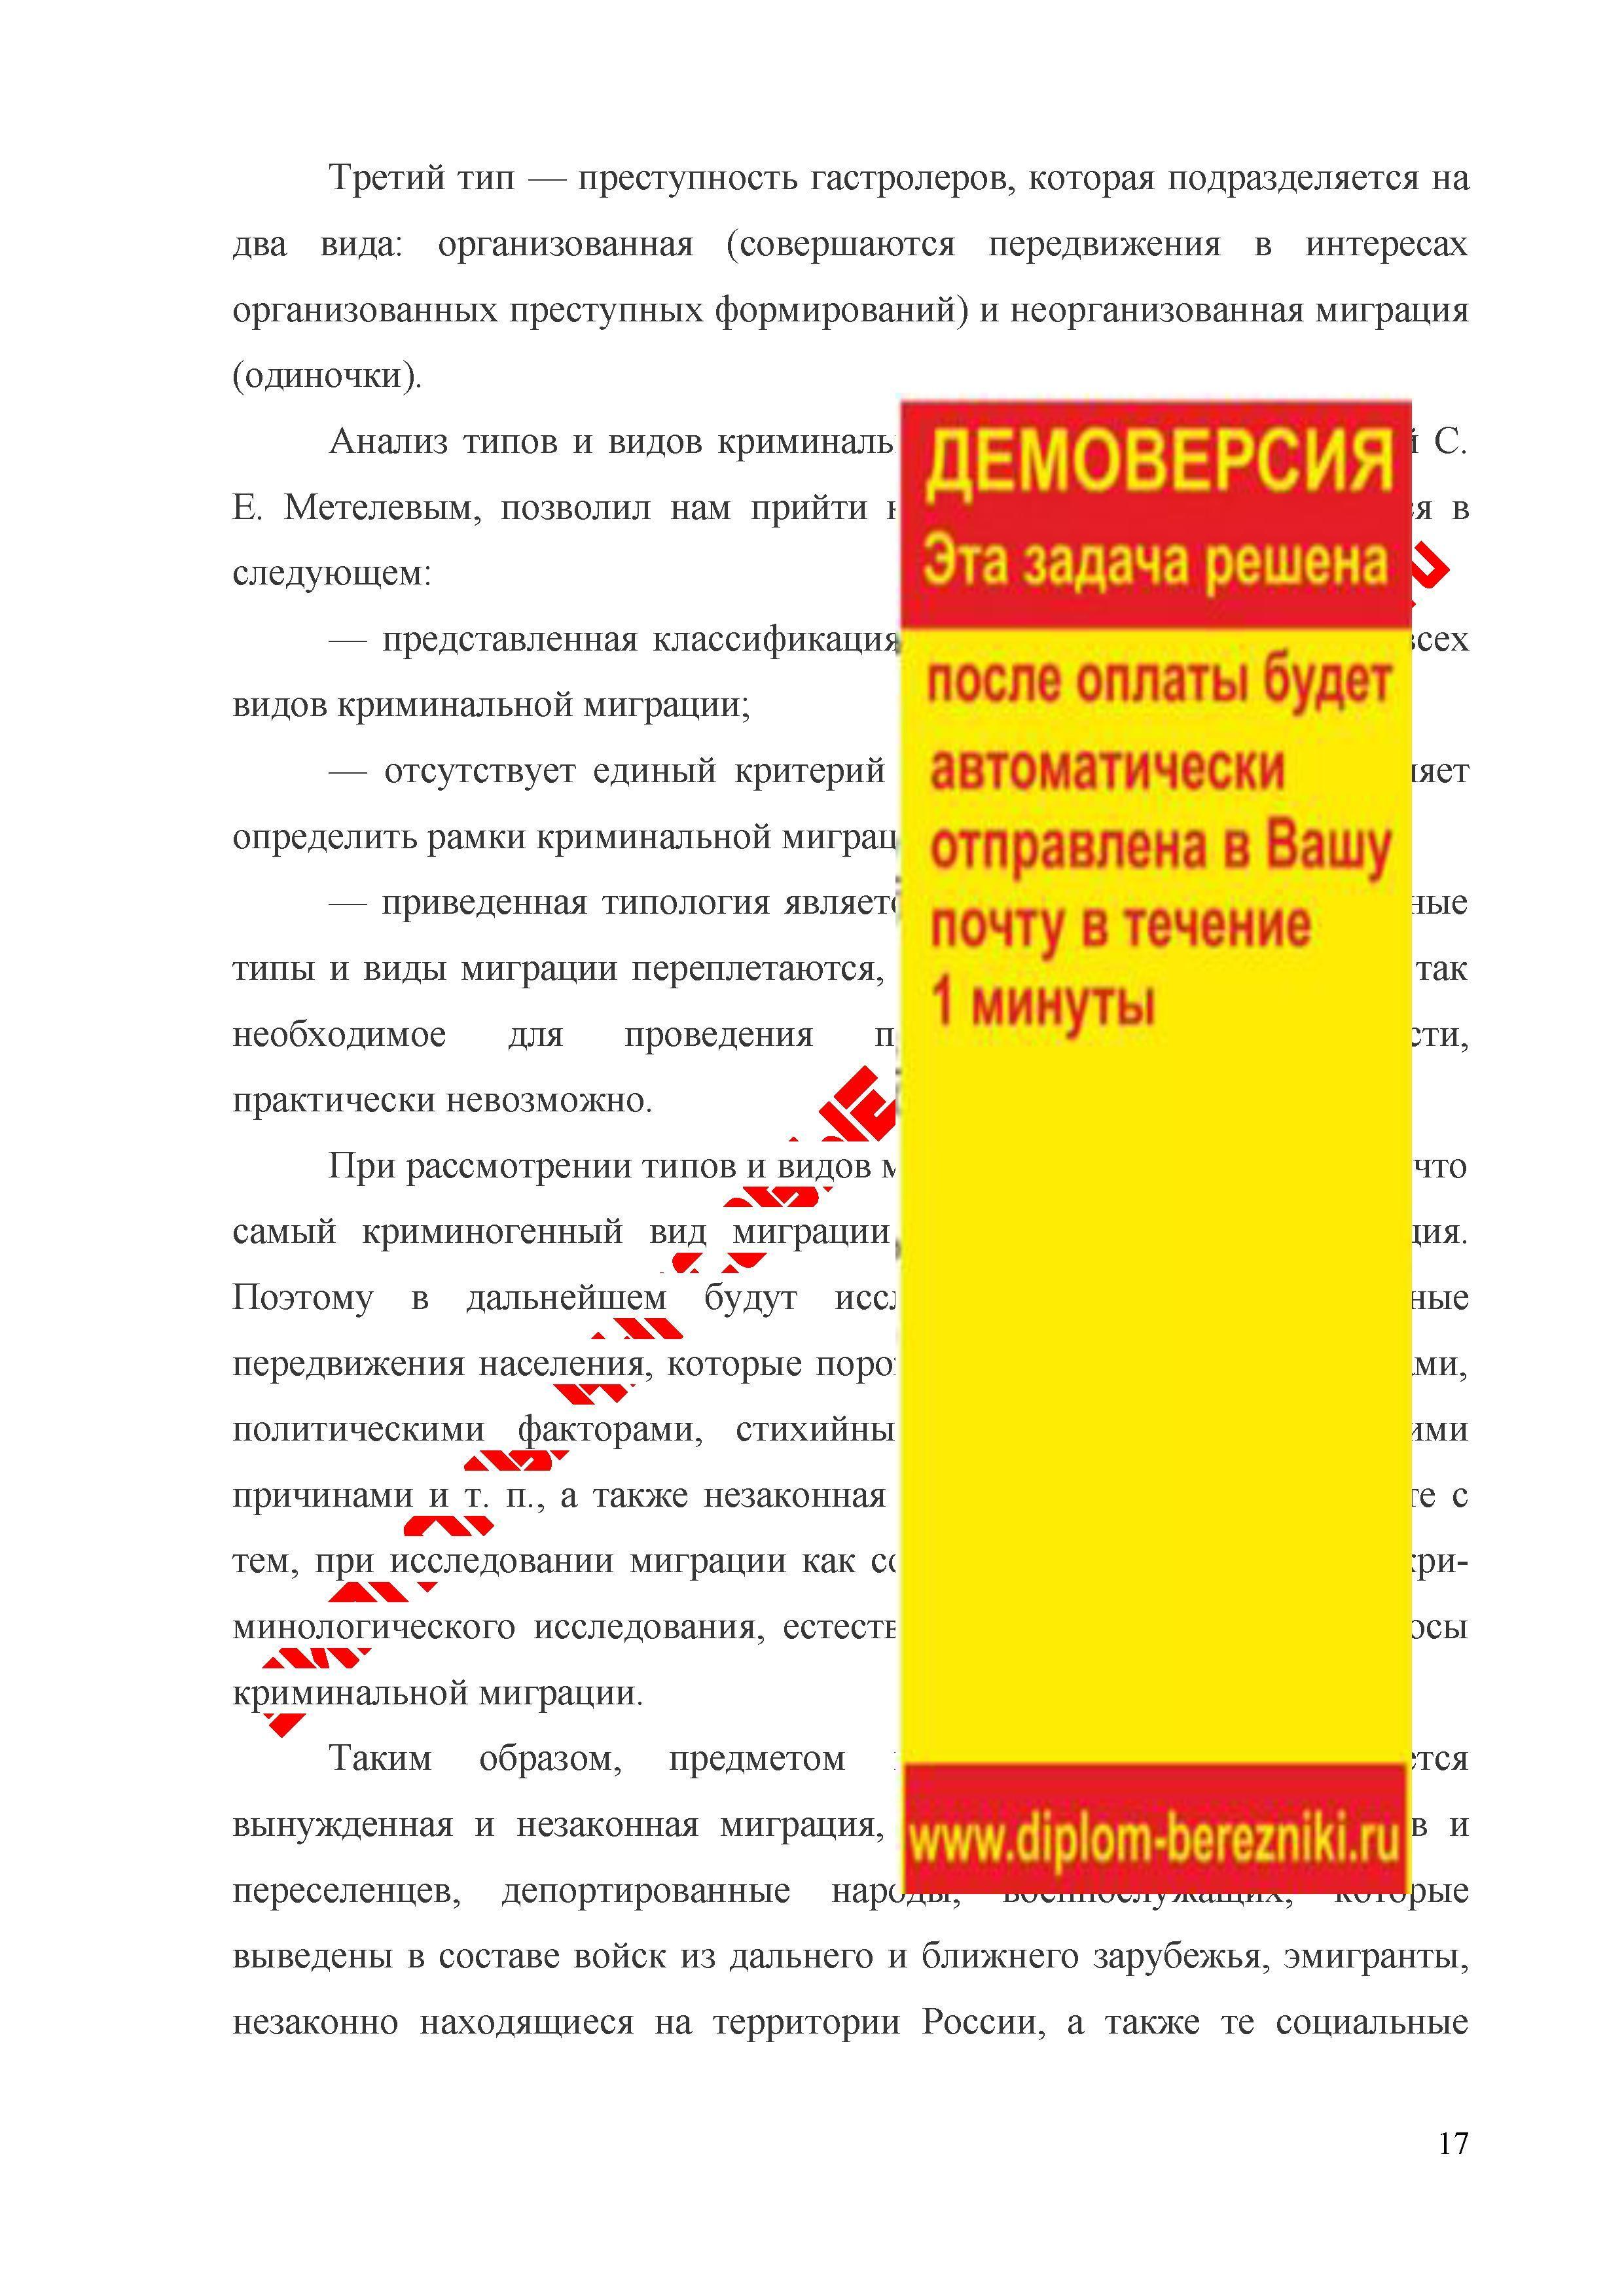 фото изучение причинного комплекса миграции в России и регионе